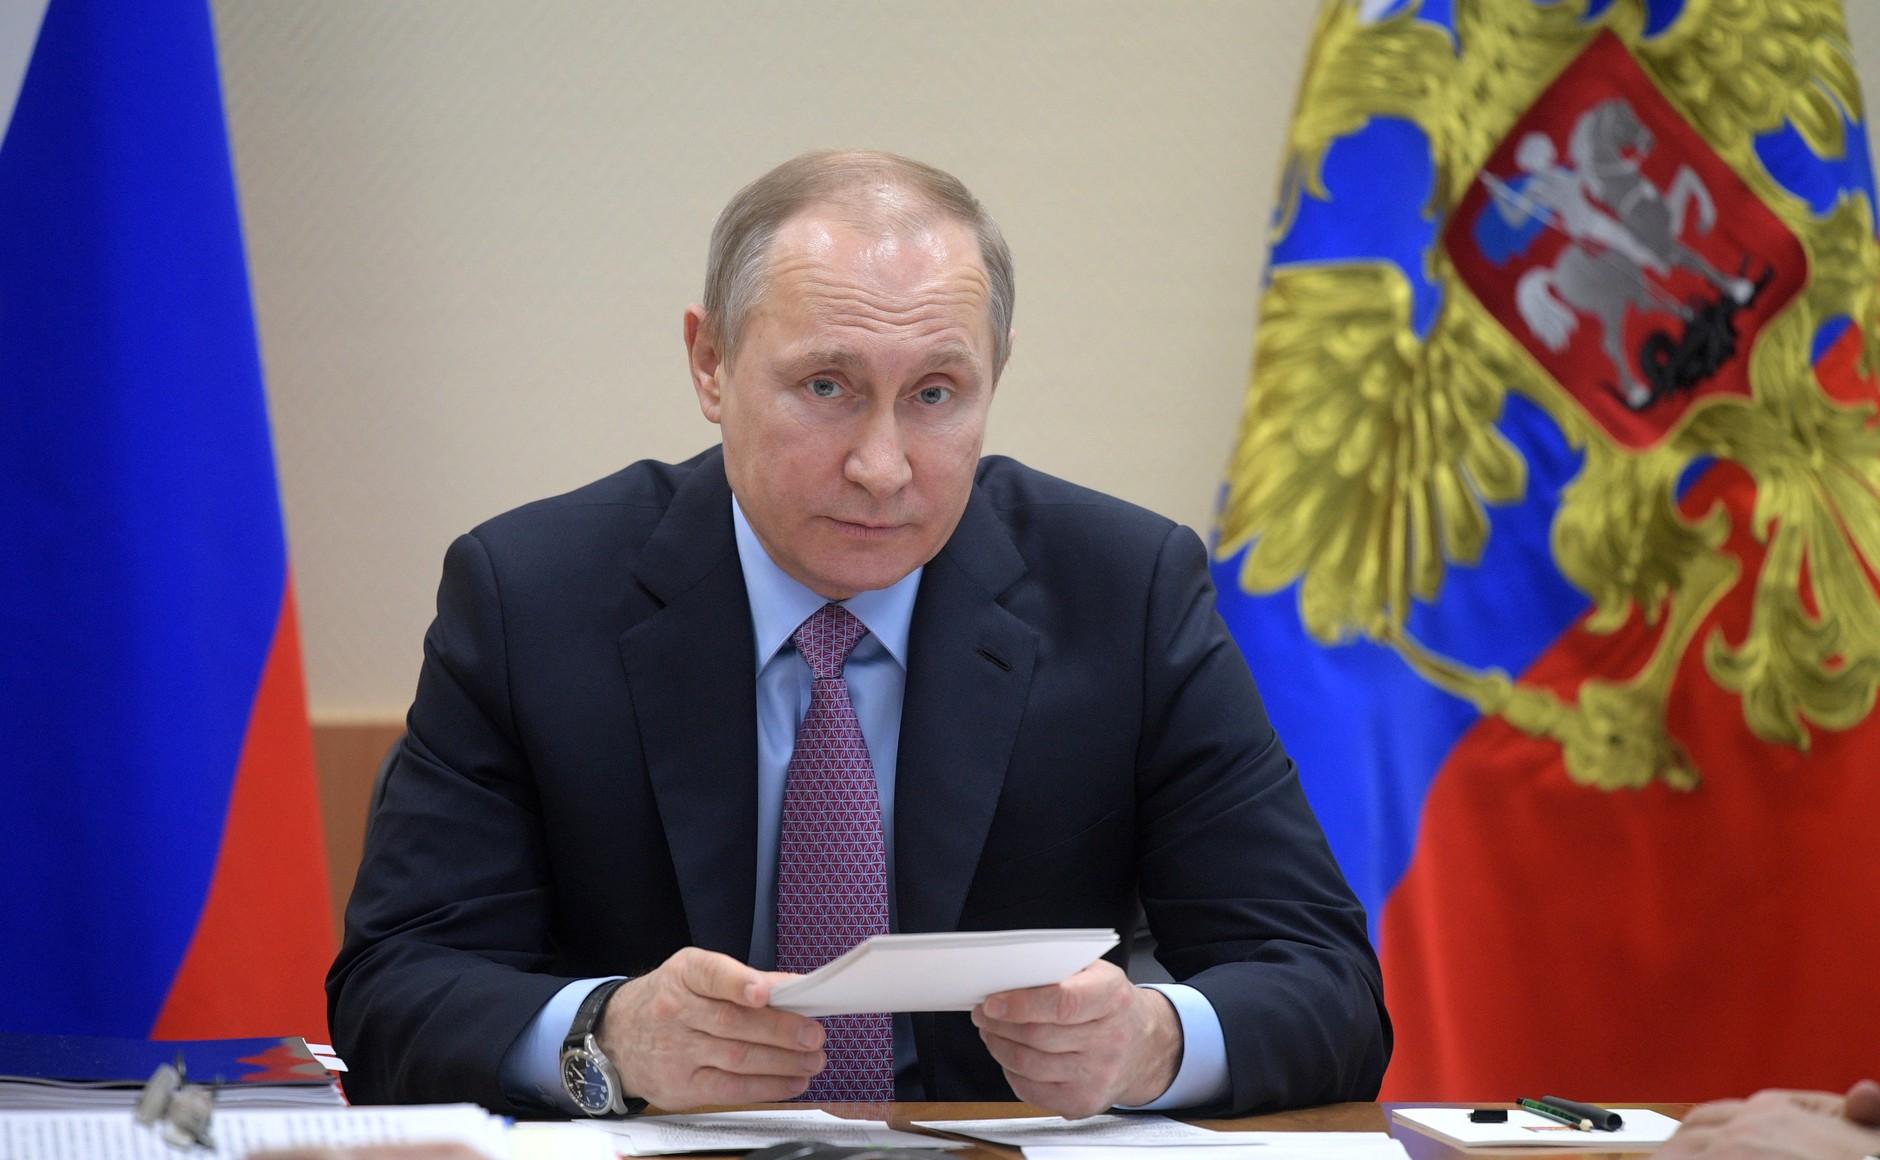 Претседателот на Русија Владимир Путин.